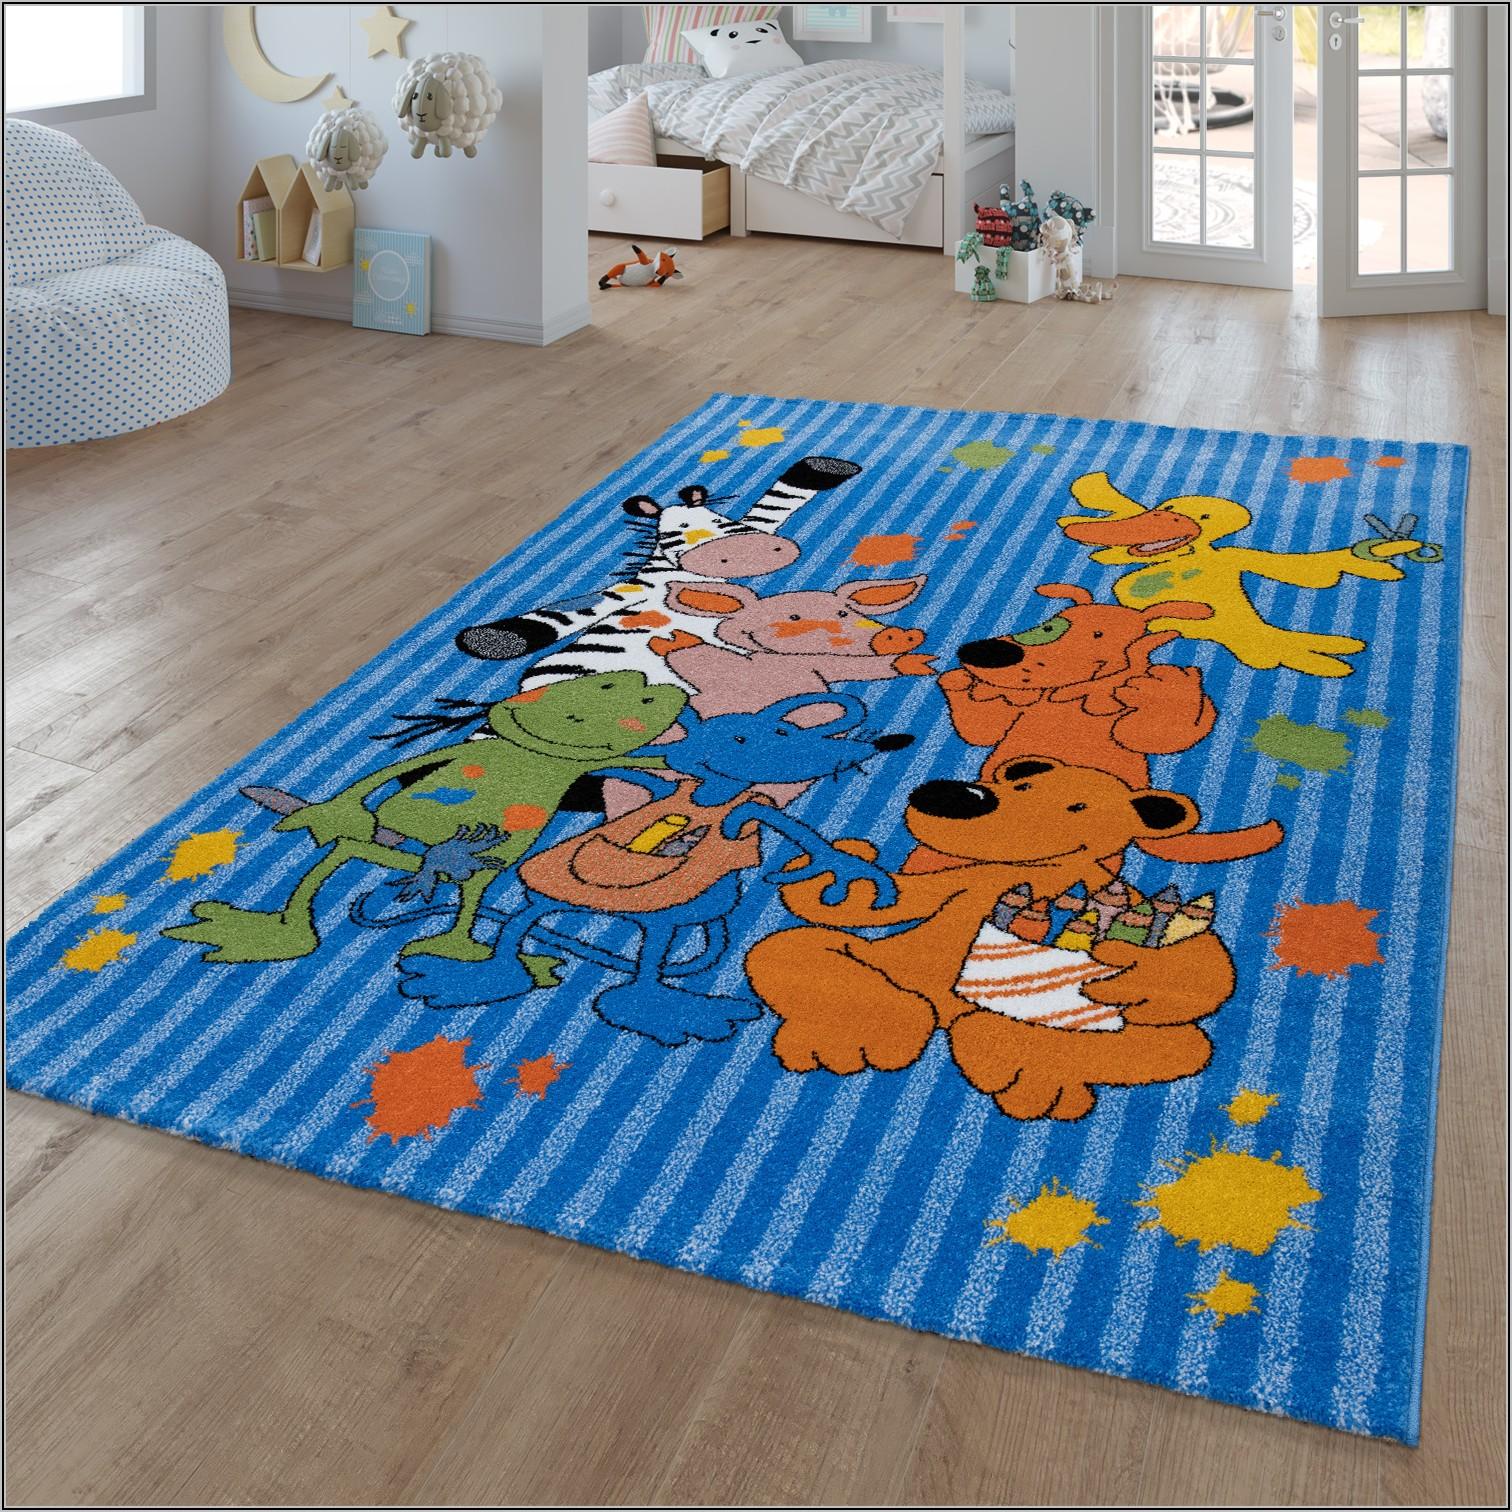 Teppich Für Kinderzimmer Blau